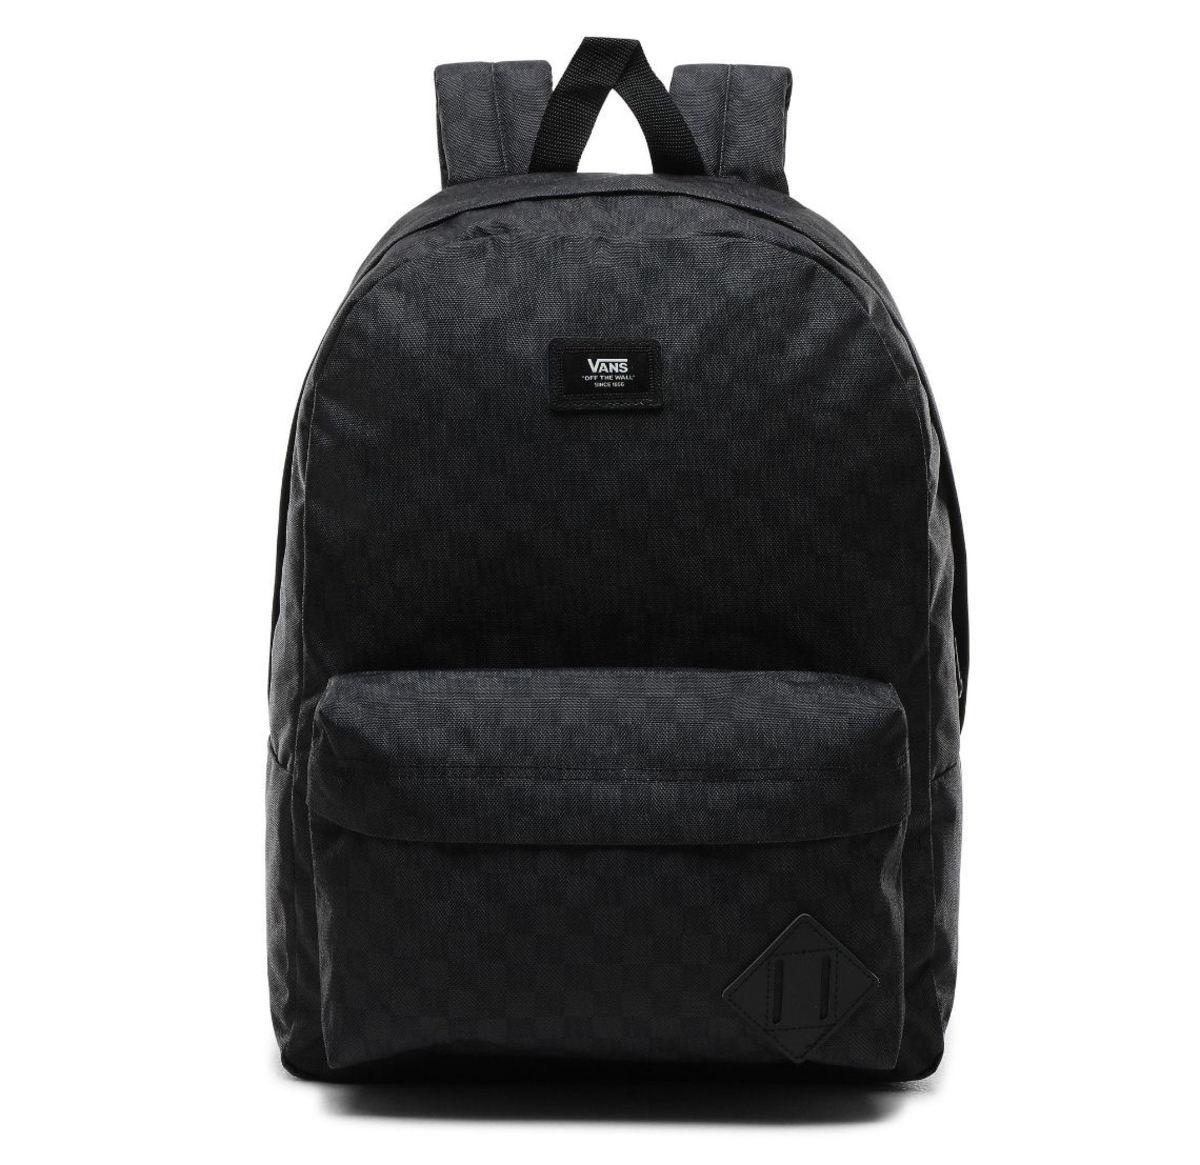 Backpack VANS OLD SKOOL III Black Charco